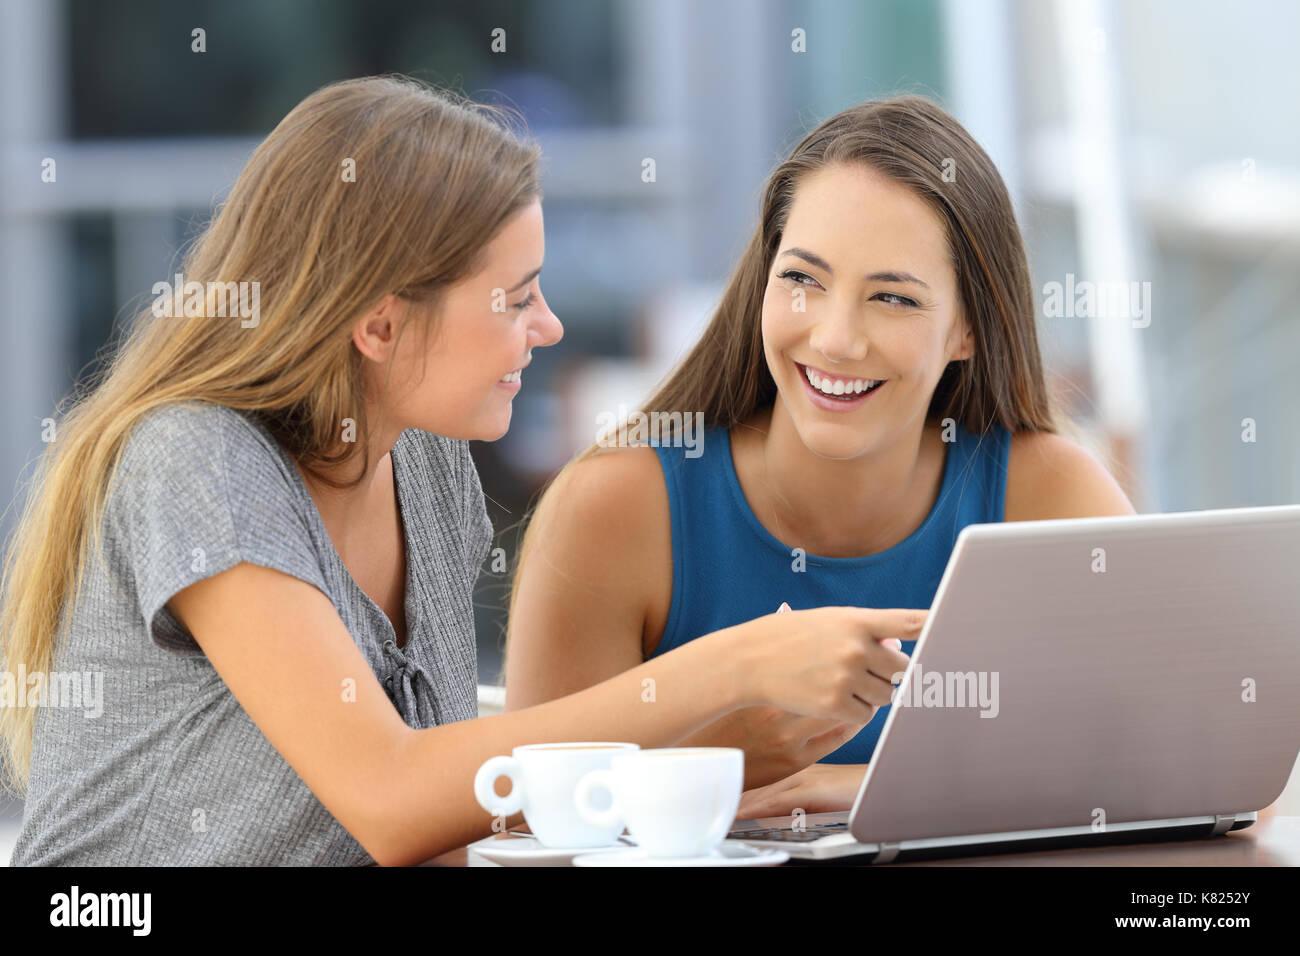 Dos amigos felices hablando de contenido en línea sentado en un bar terraza Imagen De Stock